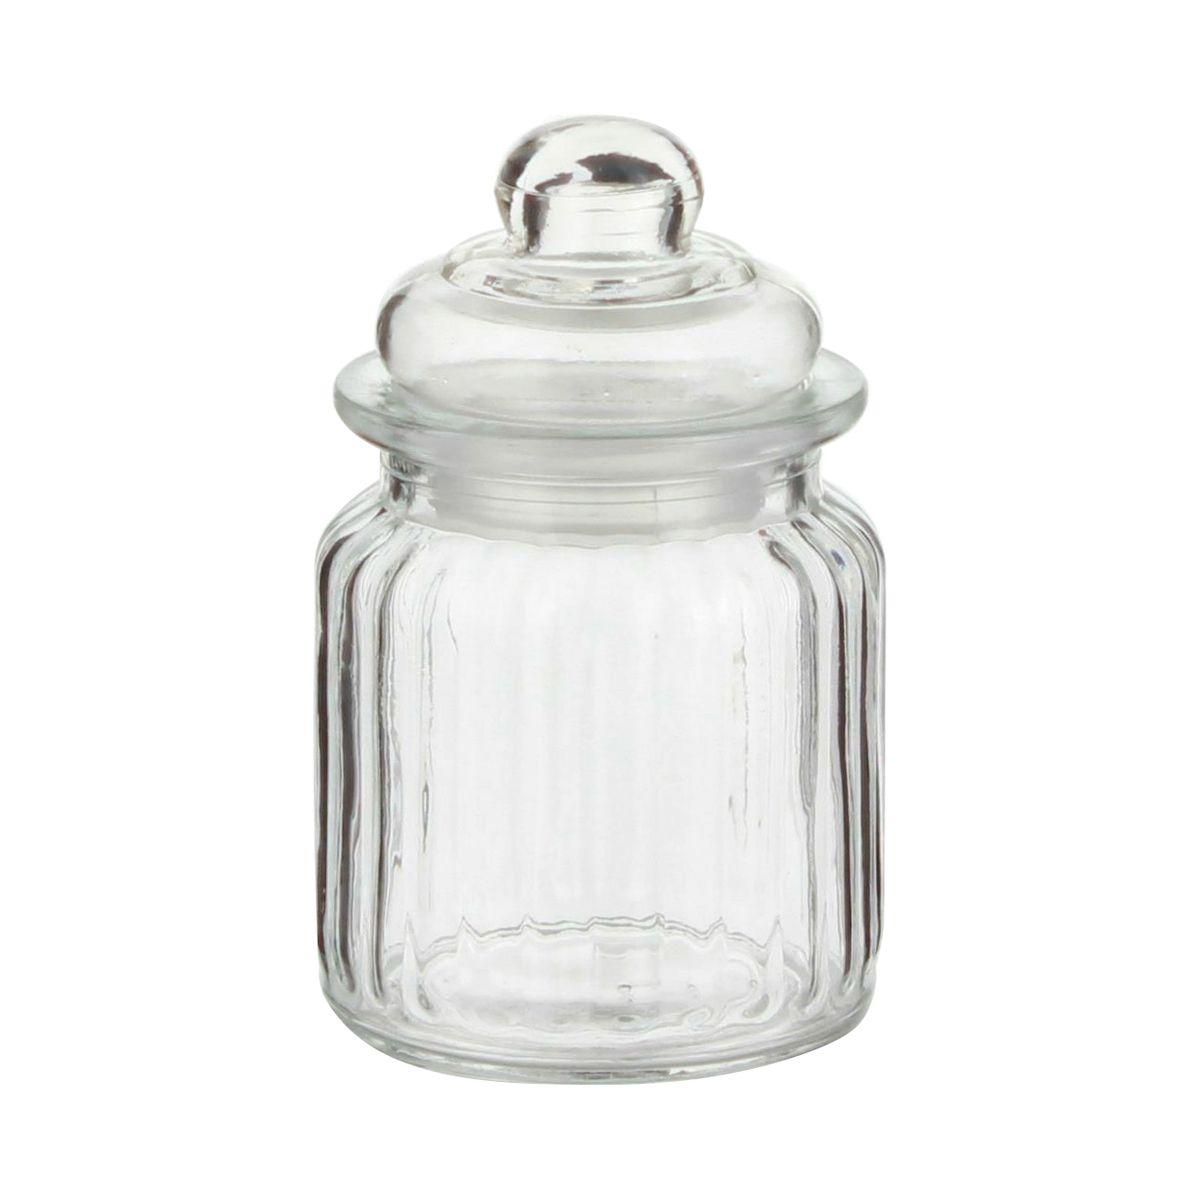 Bonbonnière en verre Nostalgie 0.25L - Zeller